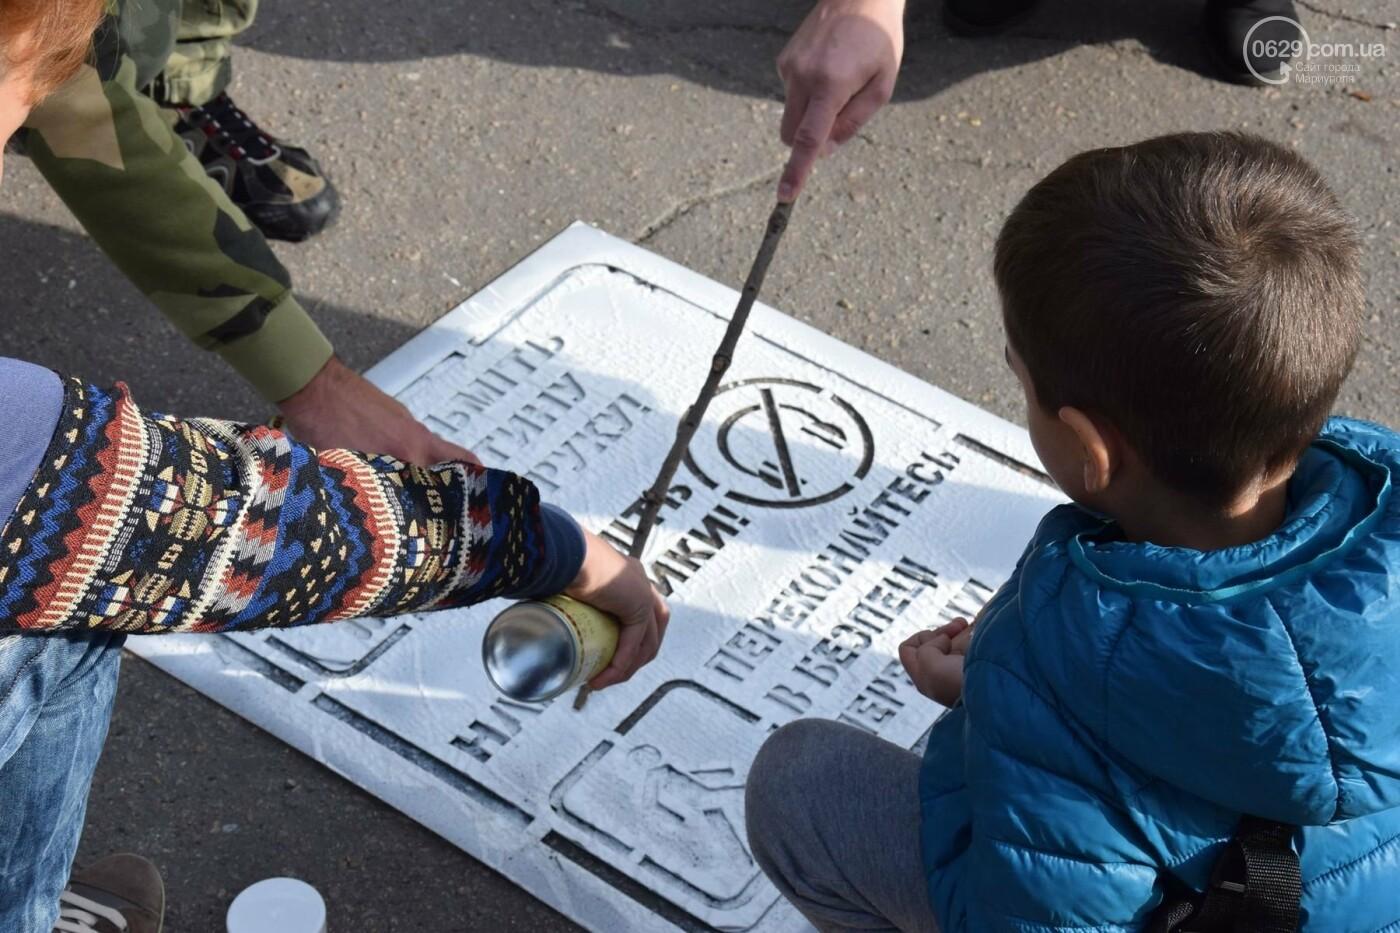 В Мариуполе общественники и патрульные полицейские украшают город необычными трафаретами, - ФОТО, ВИДЕО, фото-2